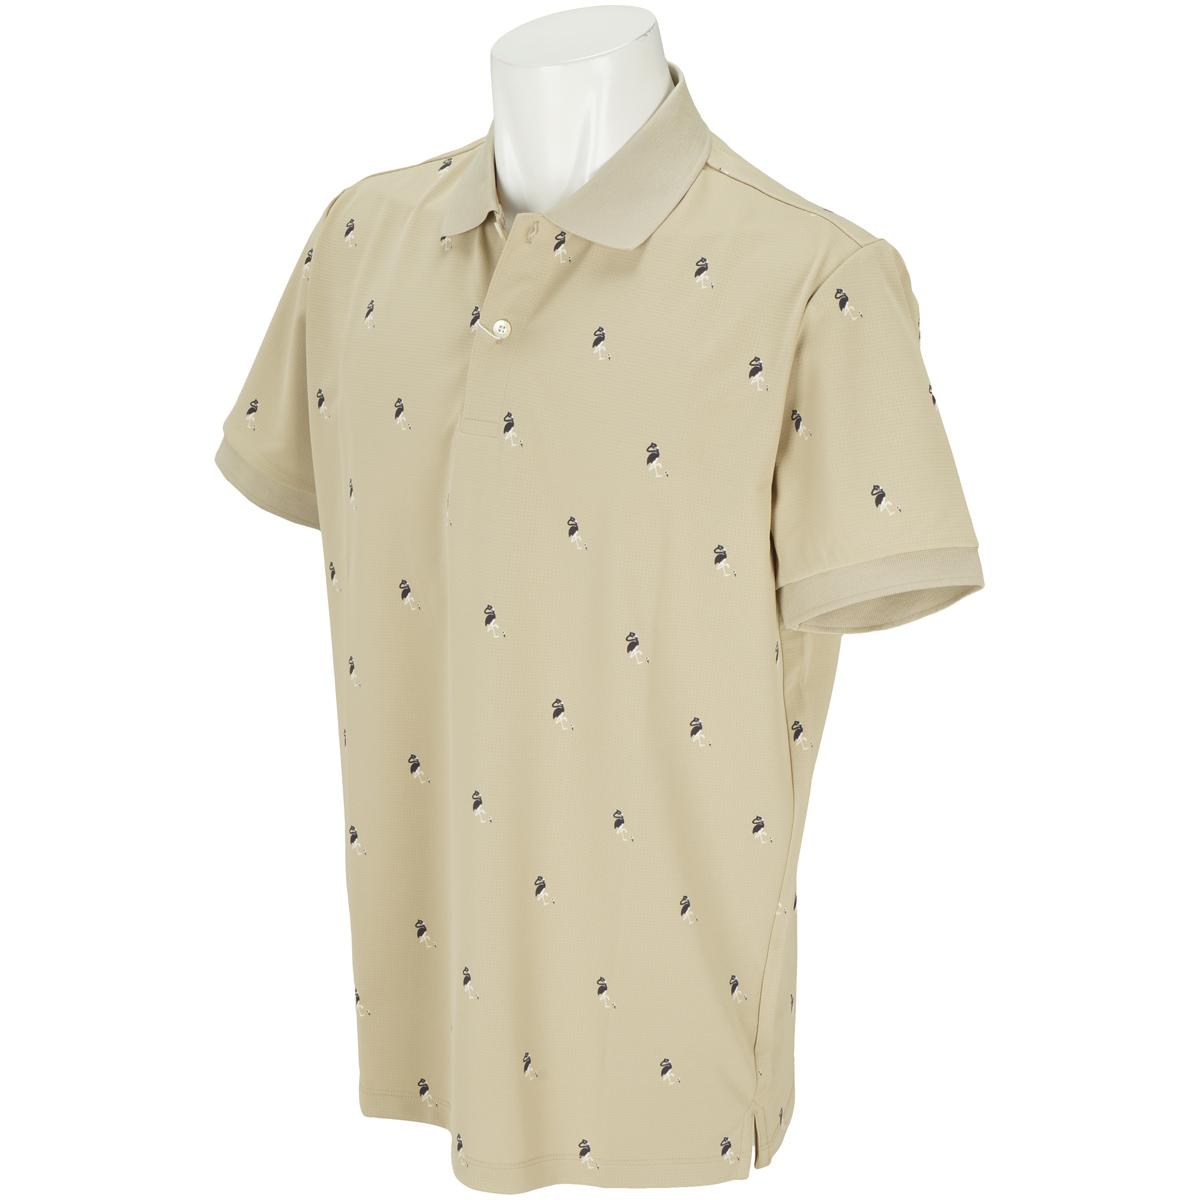 フラミンゴ柄プリント半袖ポロシャツ